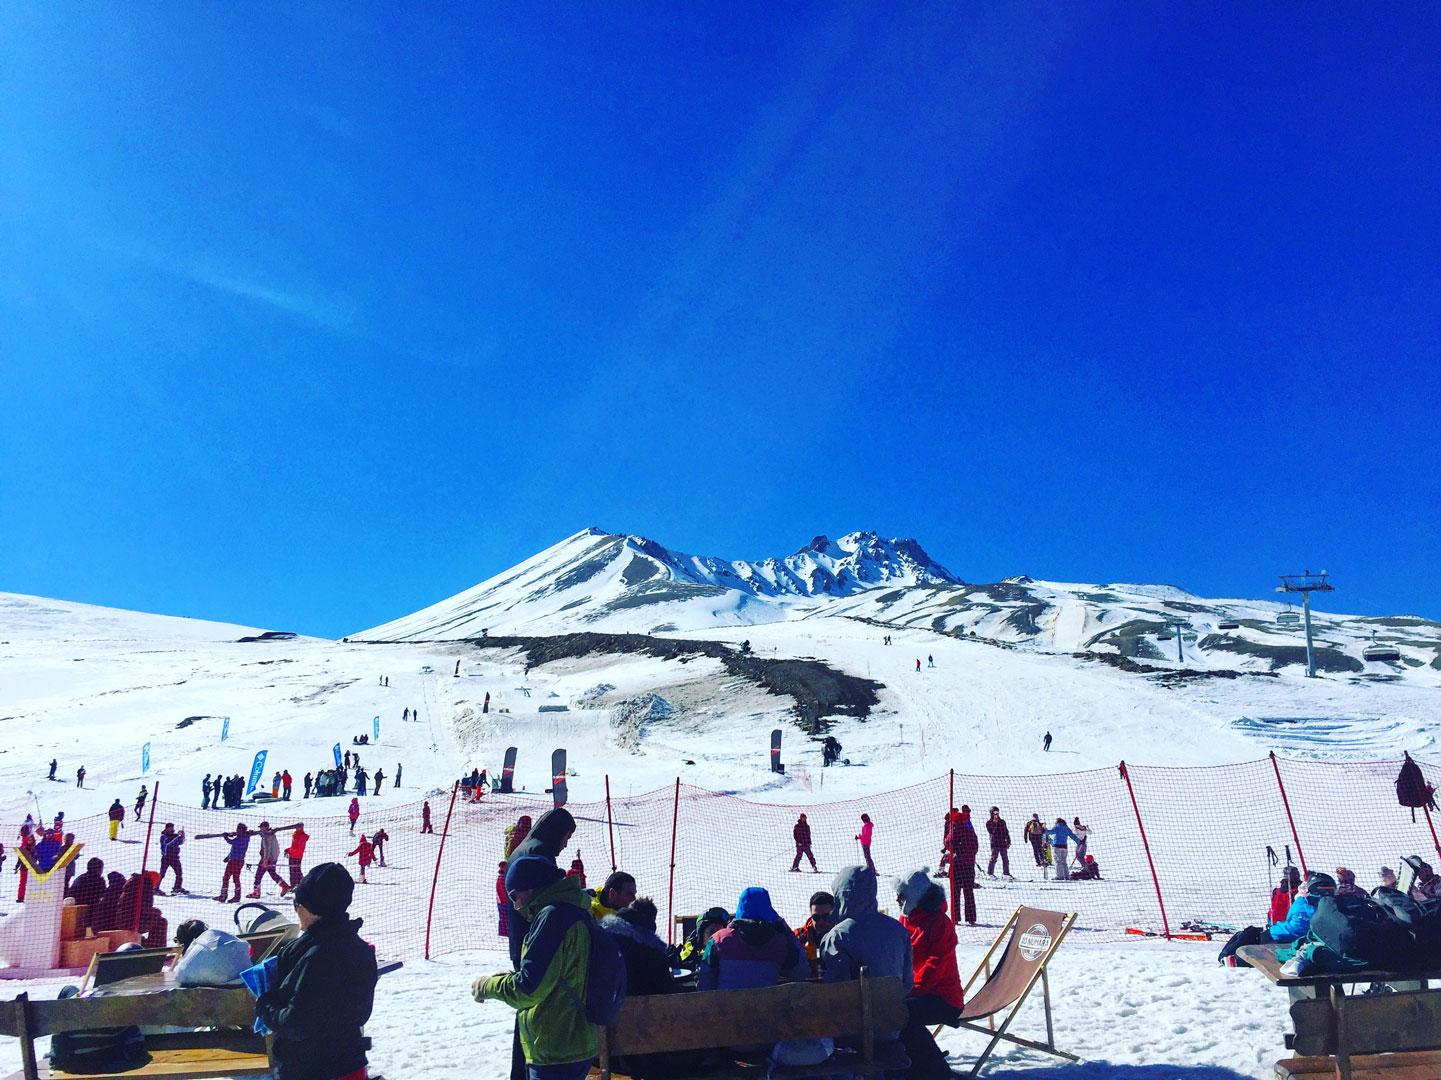 Erciyes - Kayak - Merkezi - Board - Ski - Kayseri - Sucuk - Pastırma -Snowboard